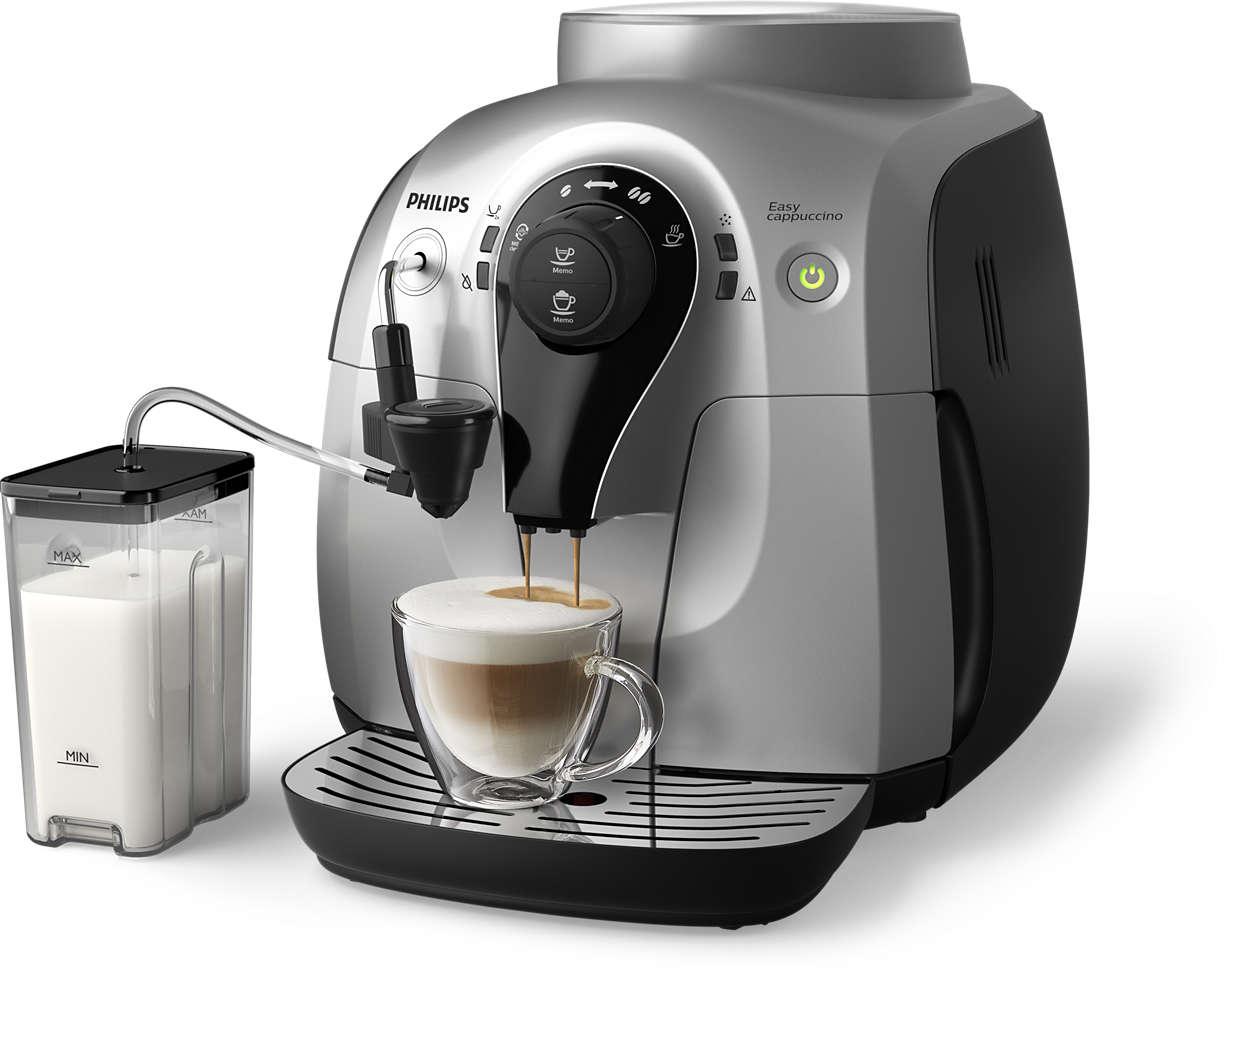 Выдающийся капучино, компактная кофемашина